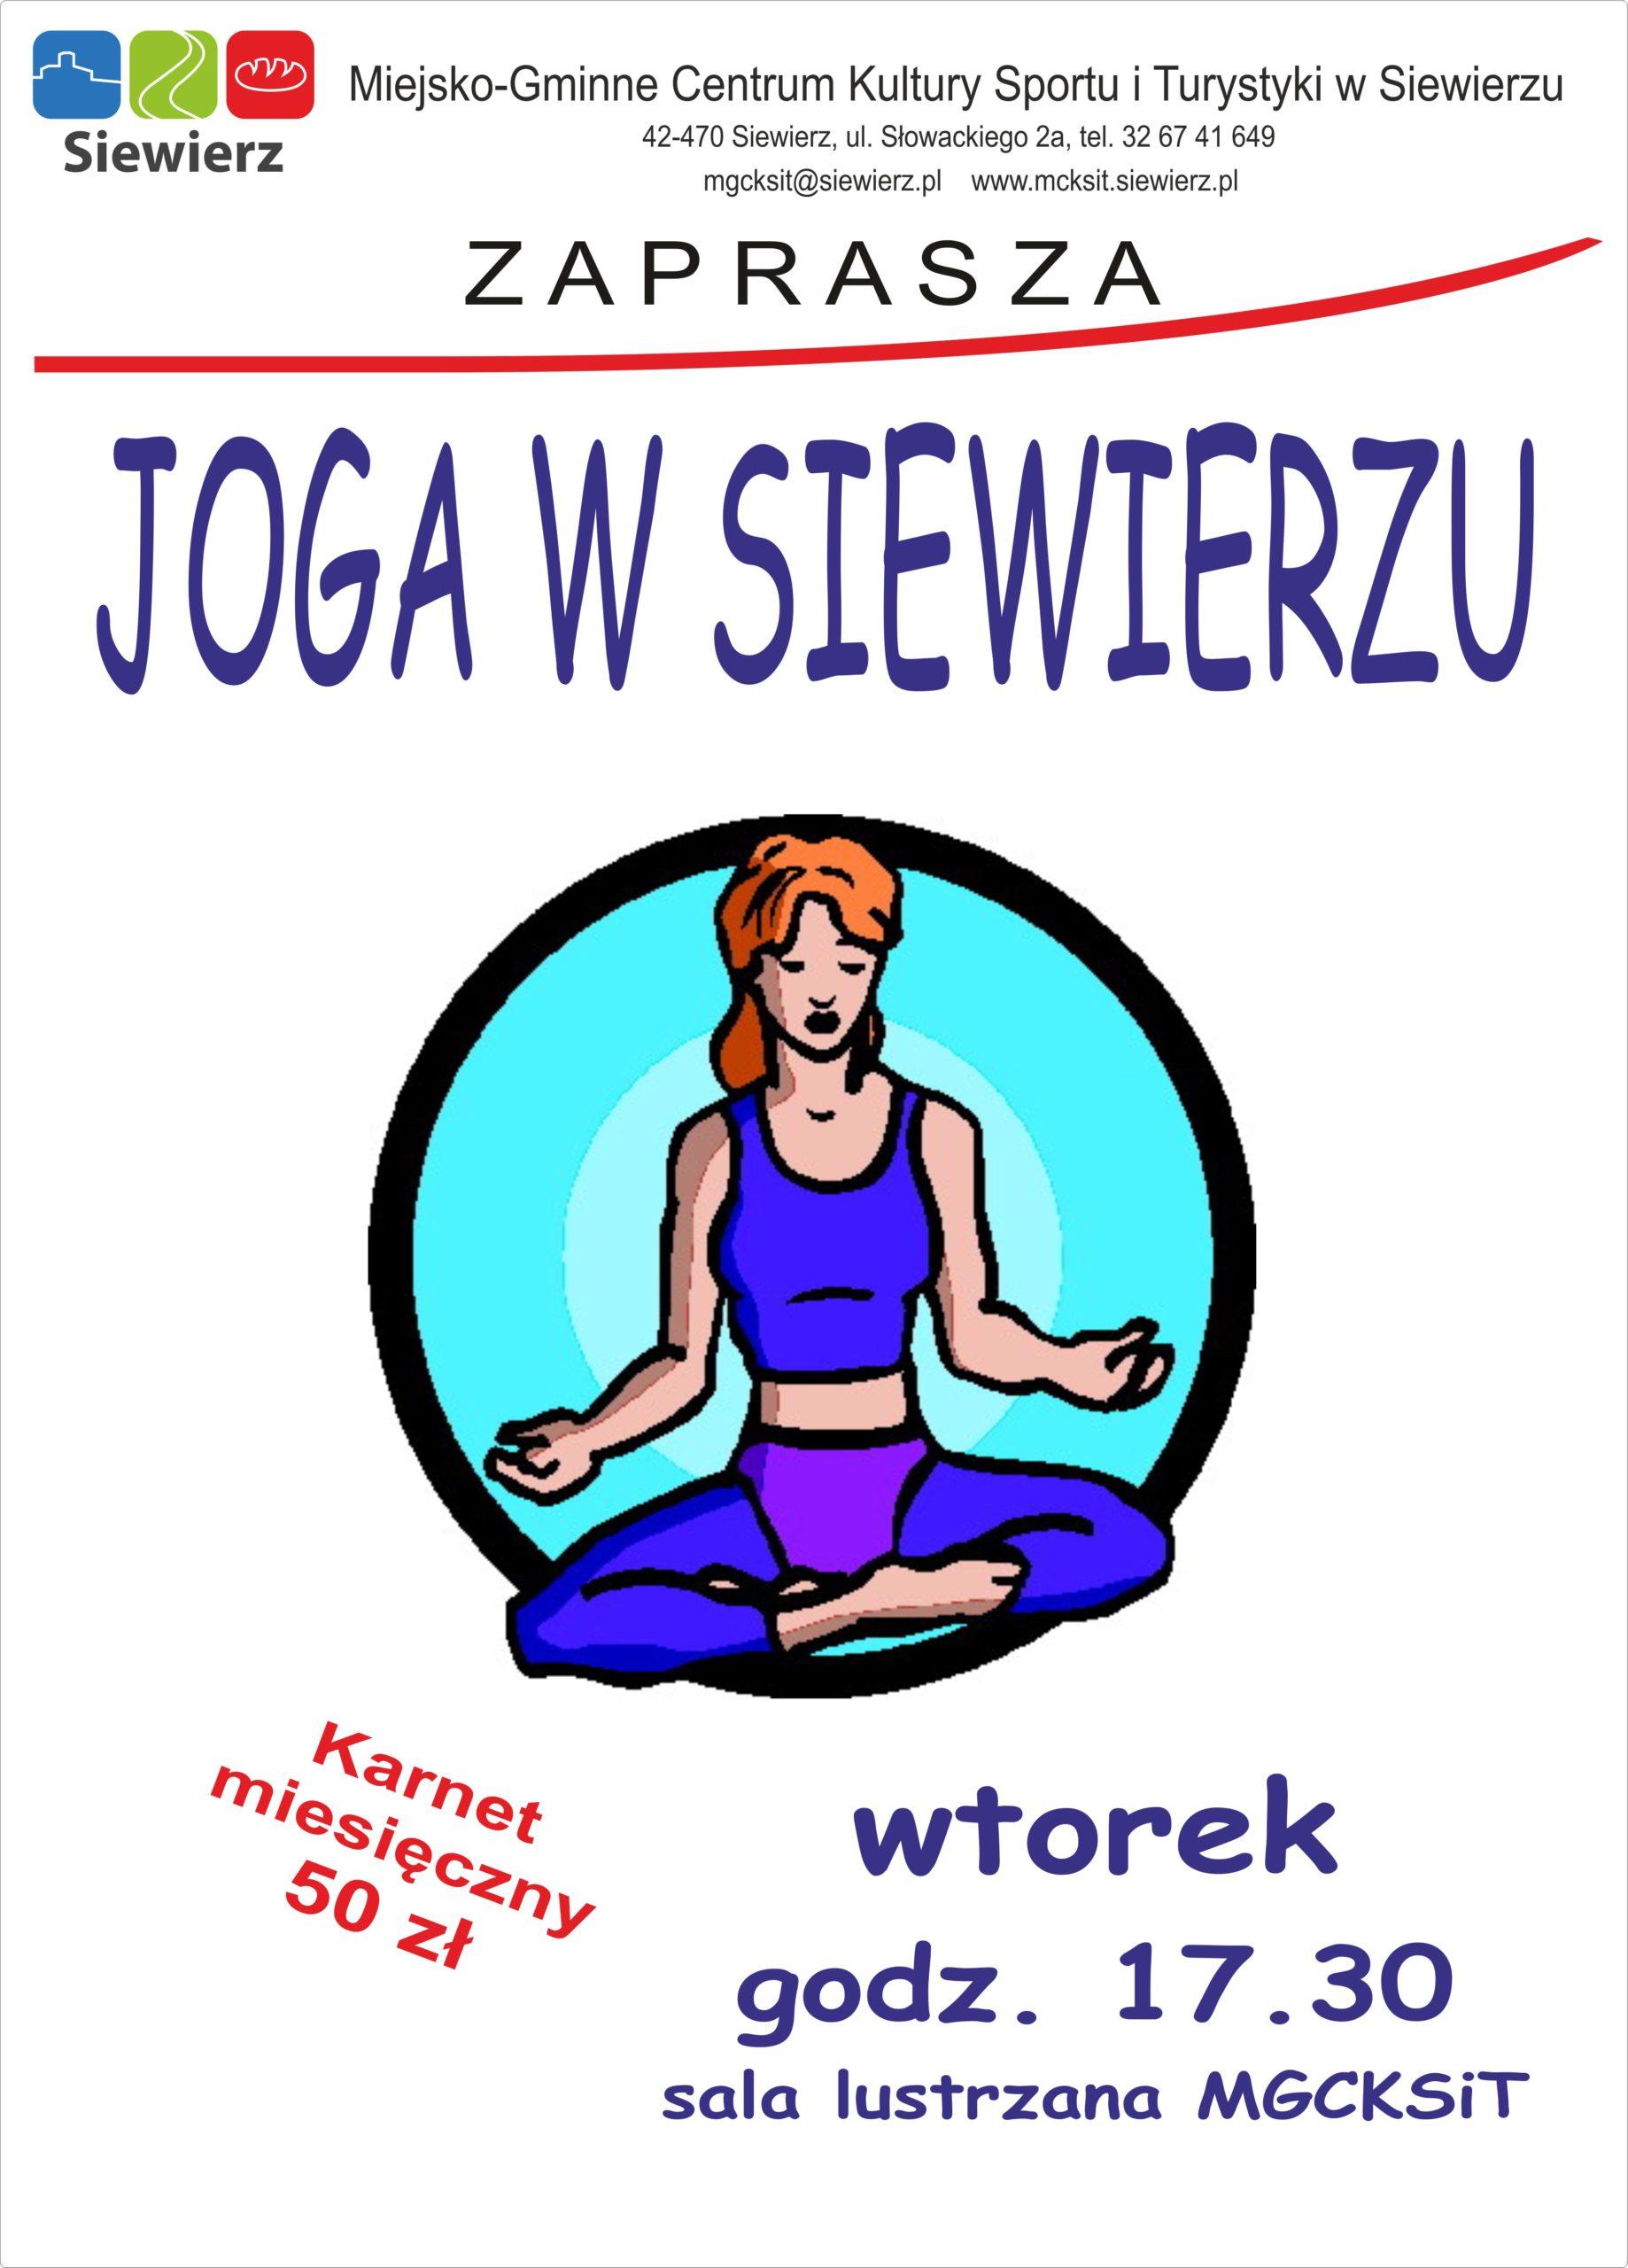 Joga w Siewierzu to ładowanie akumulatorów, rehabilitacja oraz dbałość o zdrowie i kondycję fizyczną oraz spokojny, klarowny umysł.